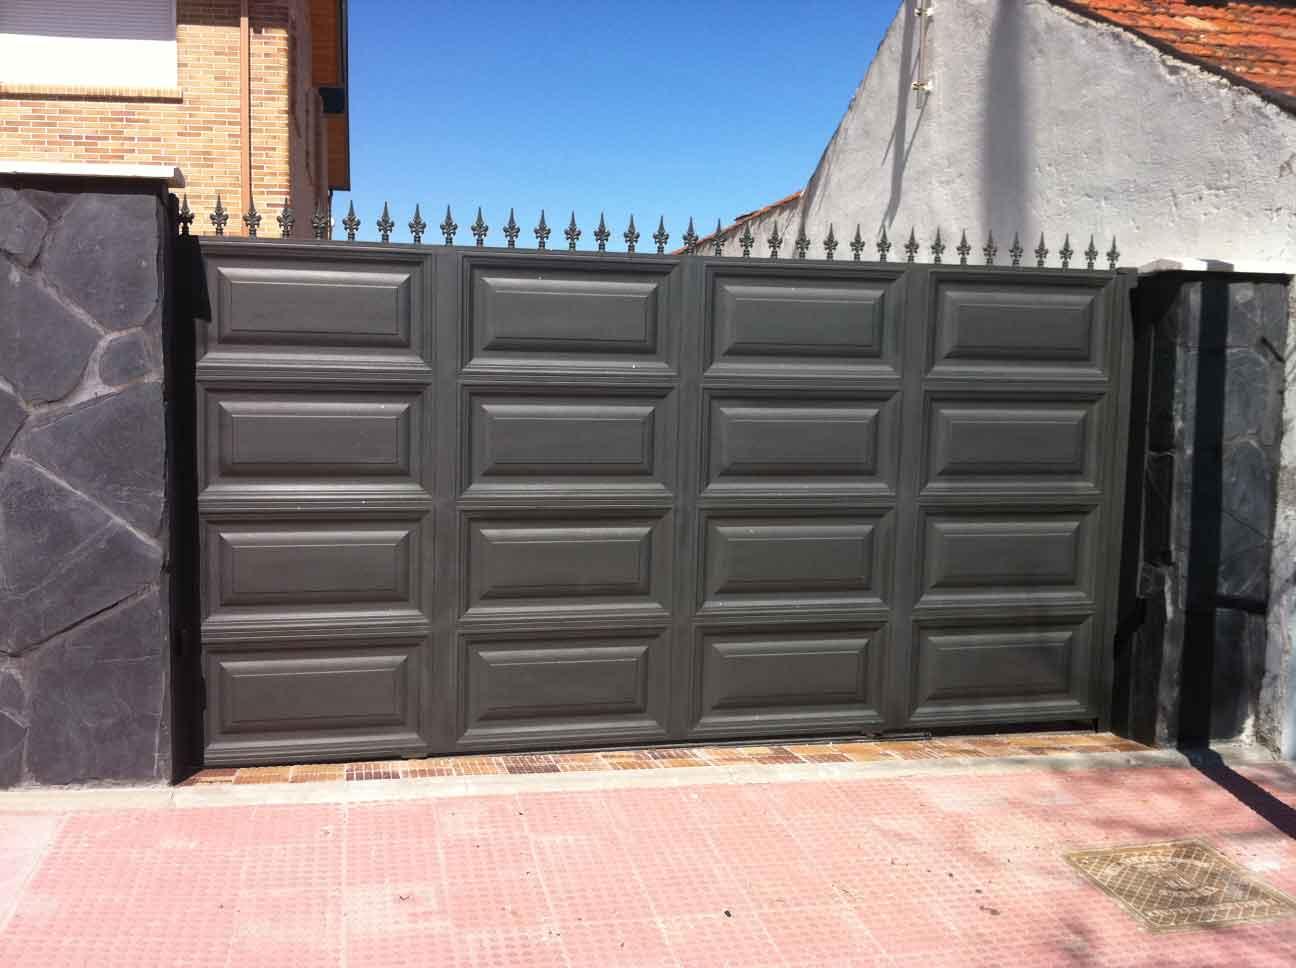 Diseno de puertas modernas de forja graffiti graffiti for Diseno de puertas